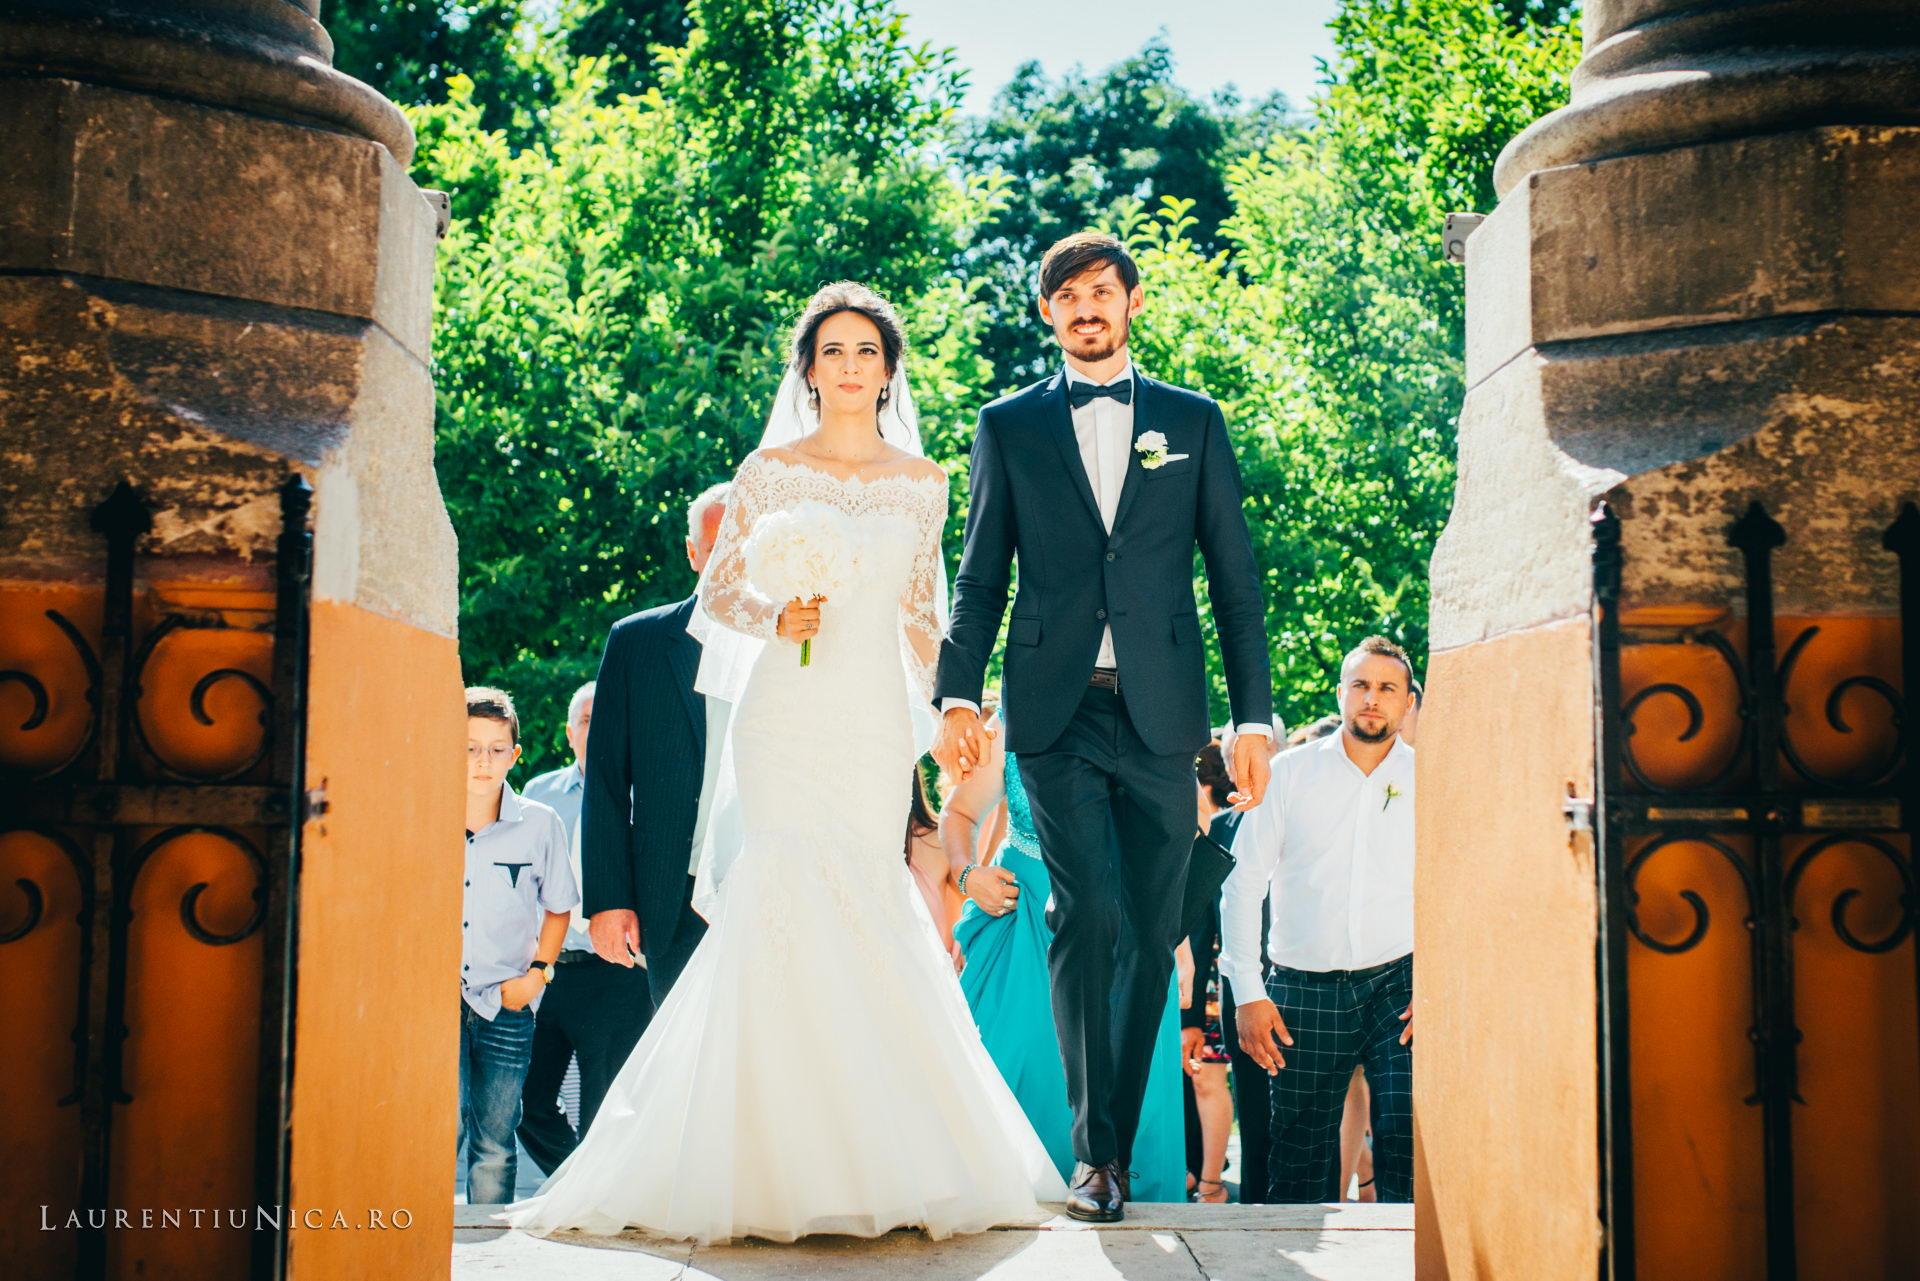 Cristina si Ovidiu nunta Craiova fotograf laurentiu nica 086 - Cristina & Ovidiu | Fotografii nunta | Craiova